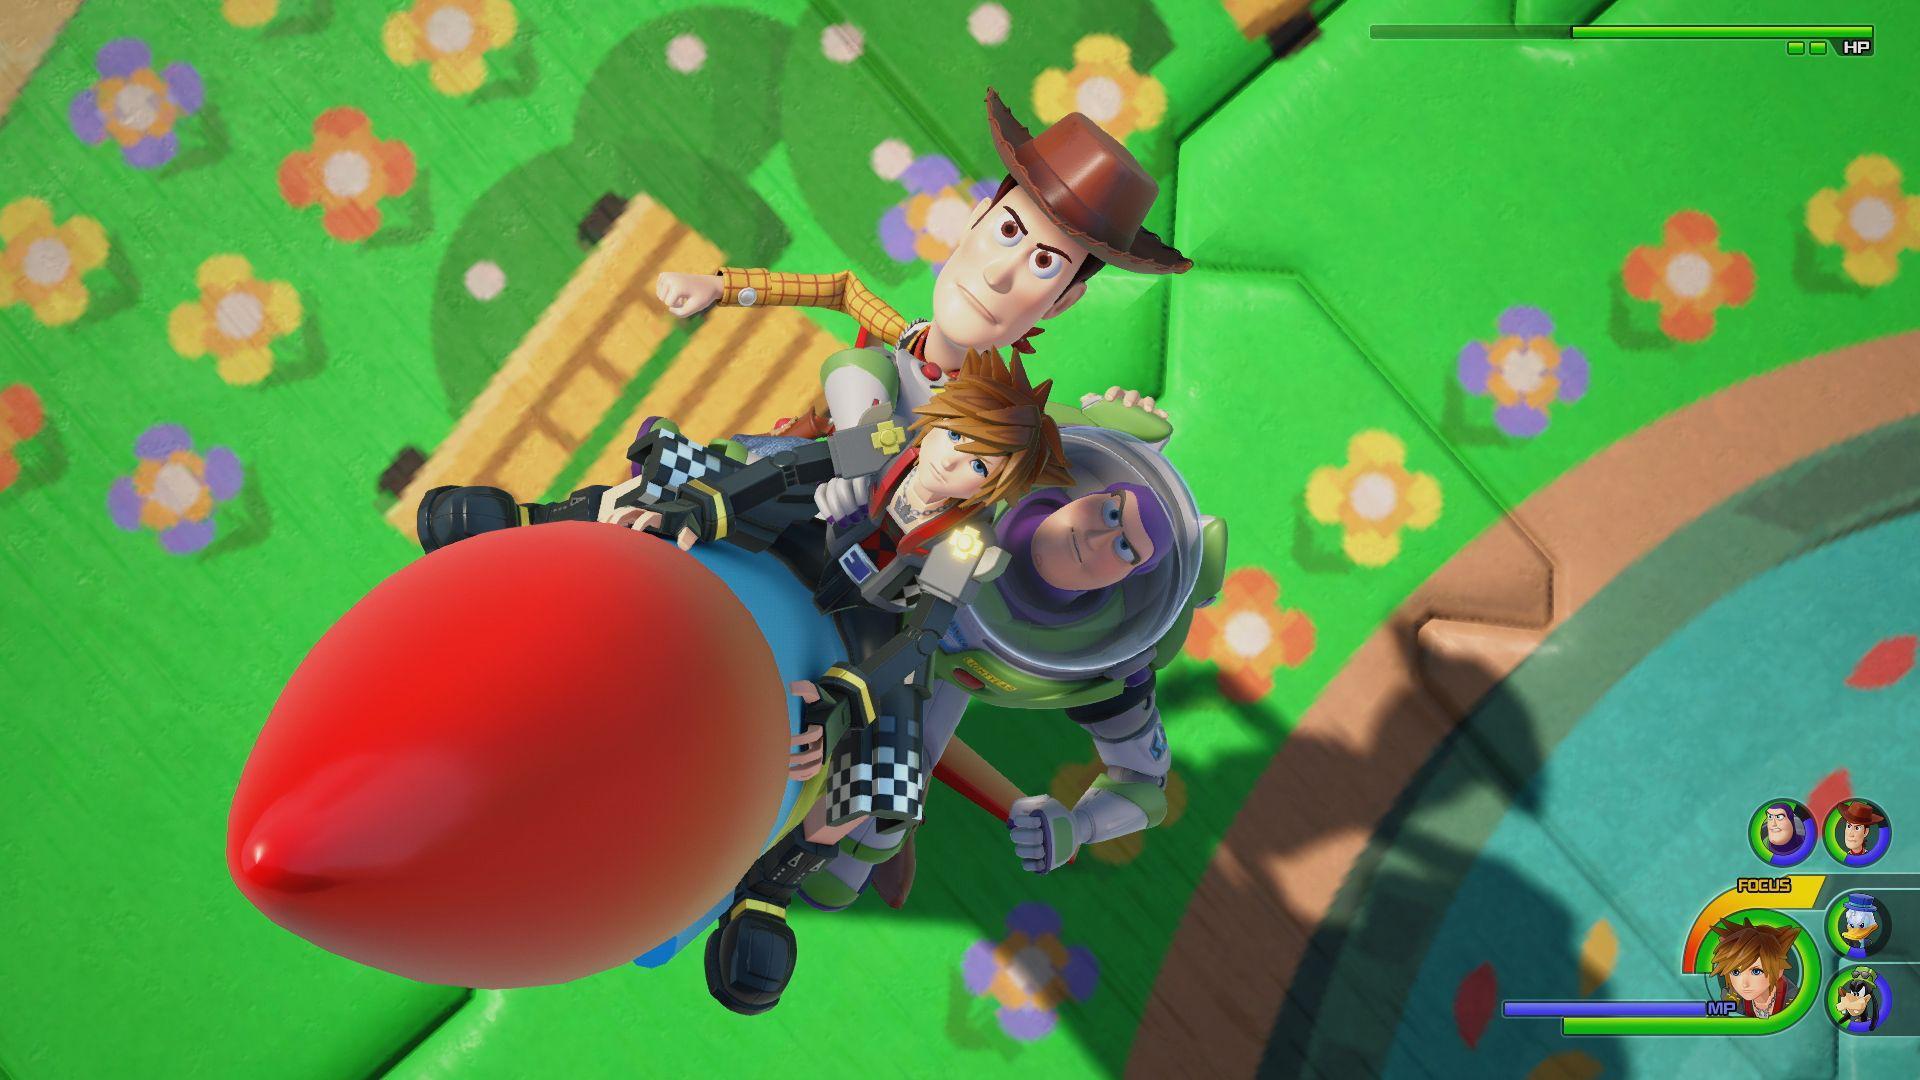 Imagen oficial de Kingdom Hearts III en Toy Box